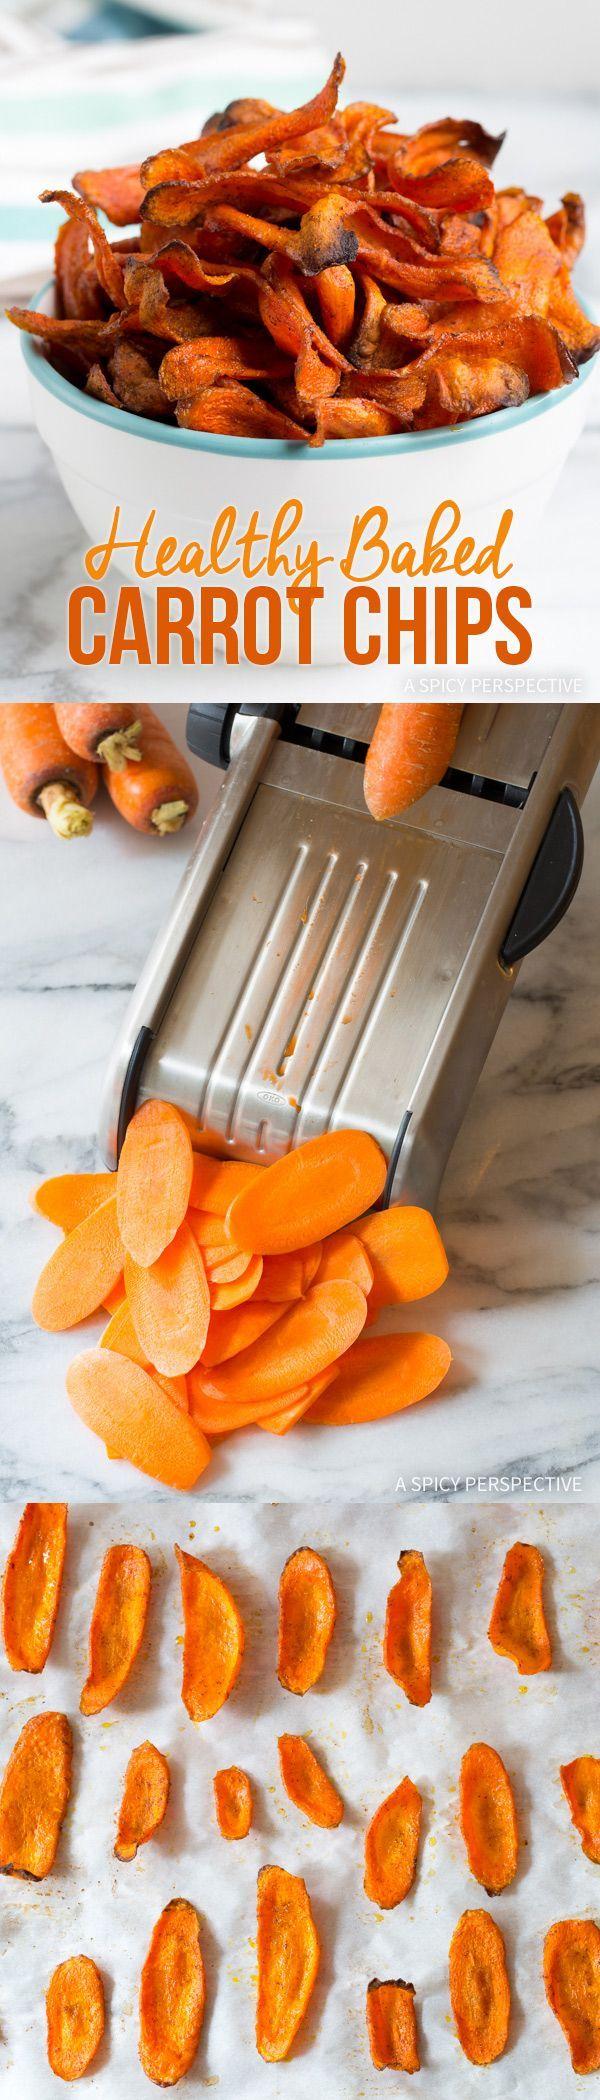 Crisp Healthy Baked Carrot Chips Recipe Glutenfree Paleo Vegan